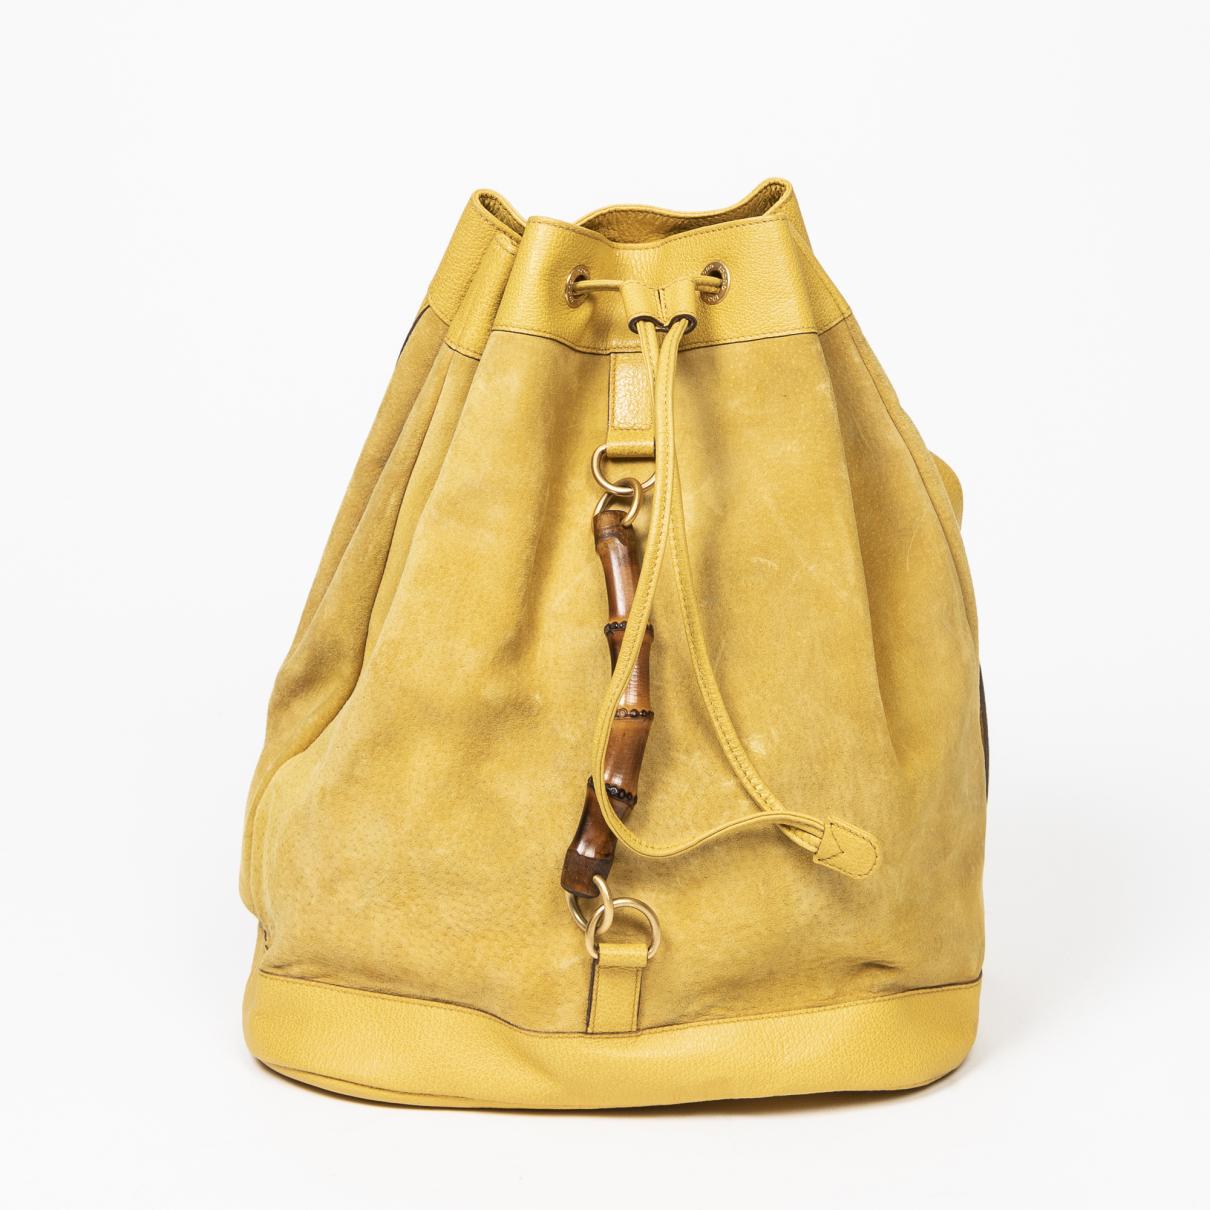 Gucci - Sac a main Bamboo pour femme en cuir - jaune